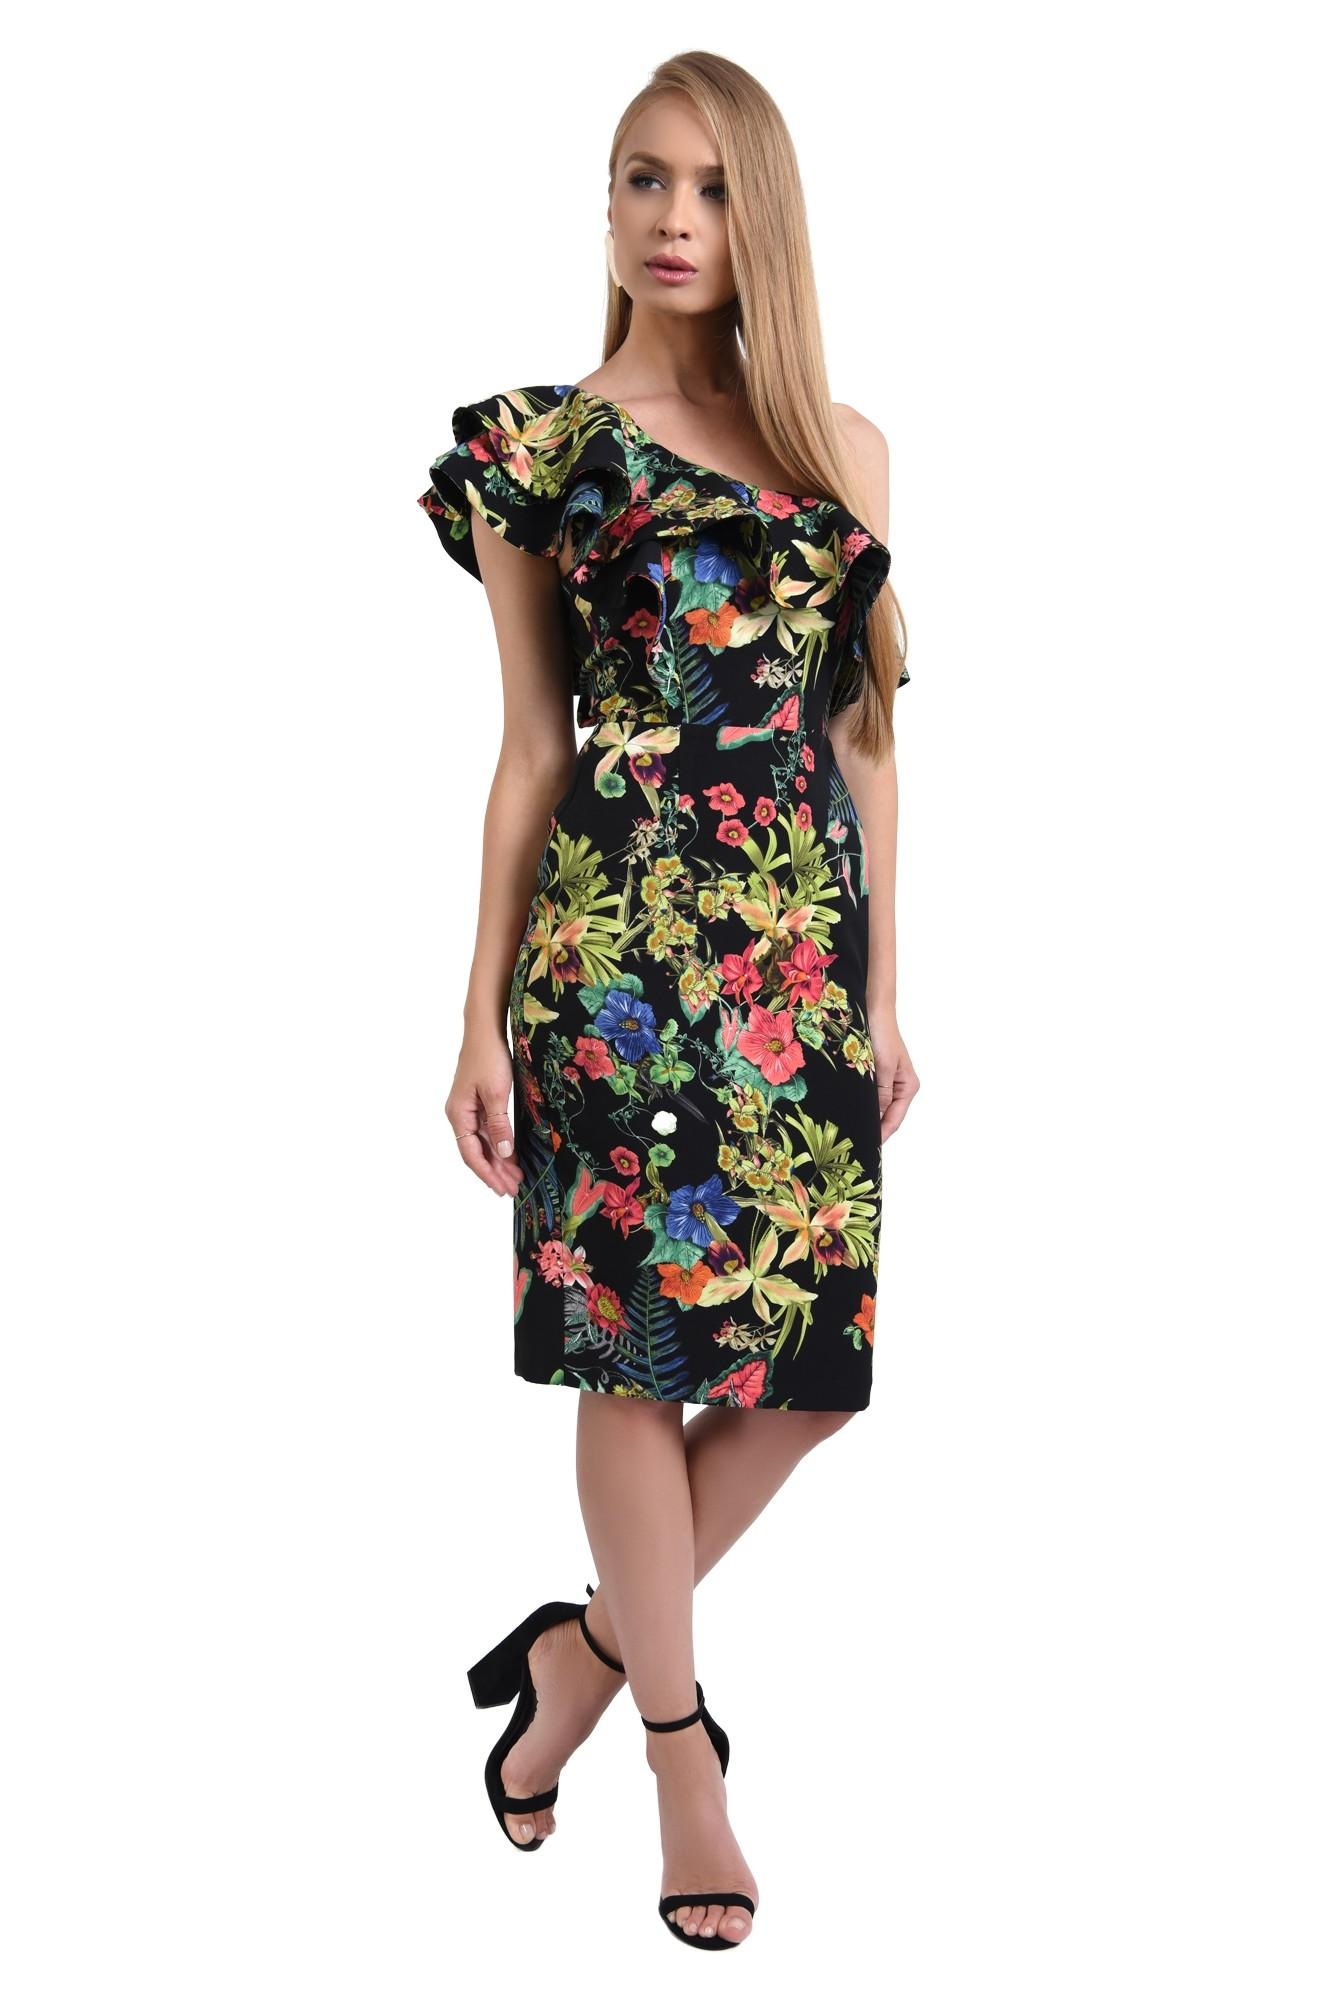 3 - 360 - rochii online, rochie cambrata, cu flori, umar dezgolit